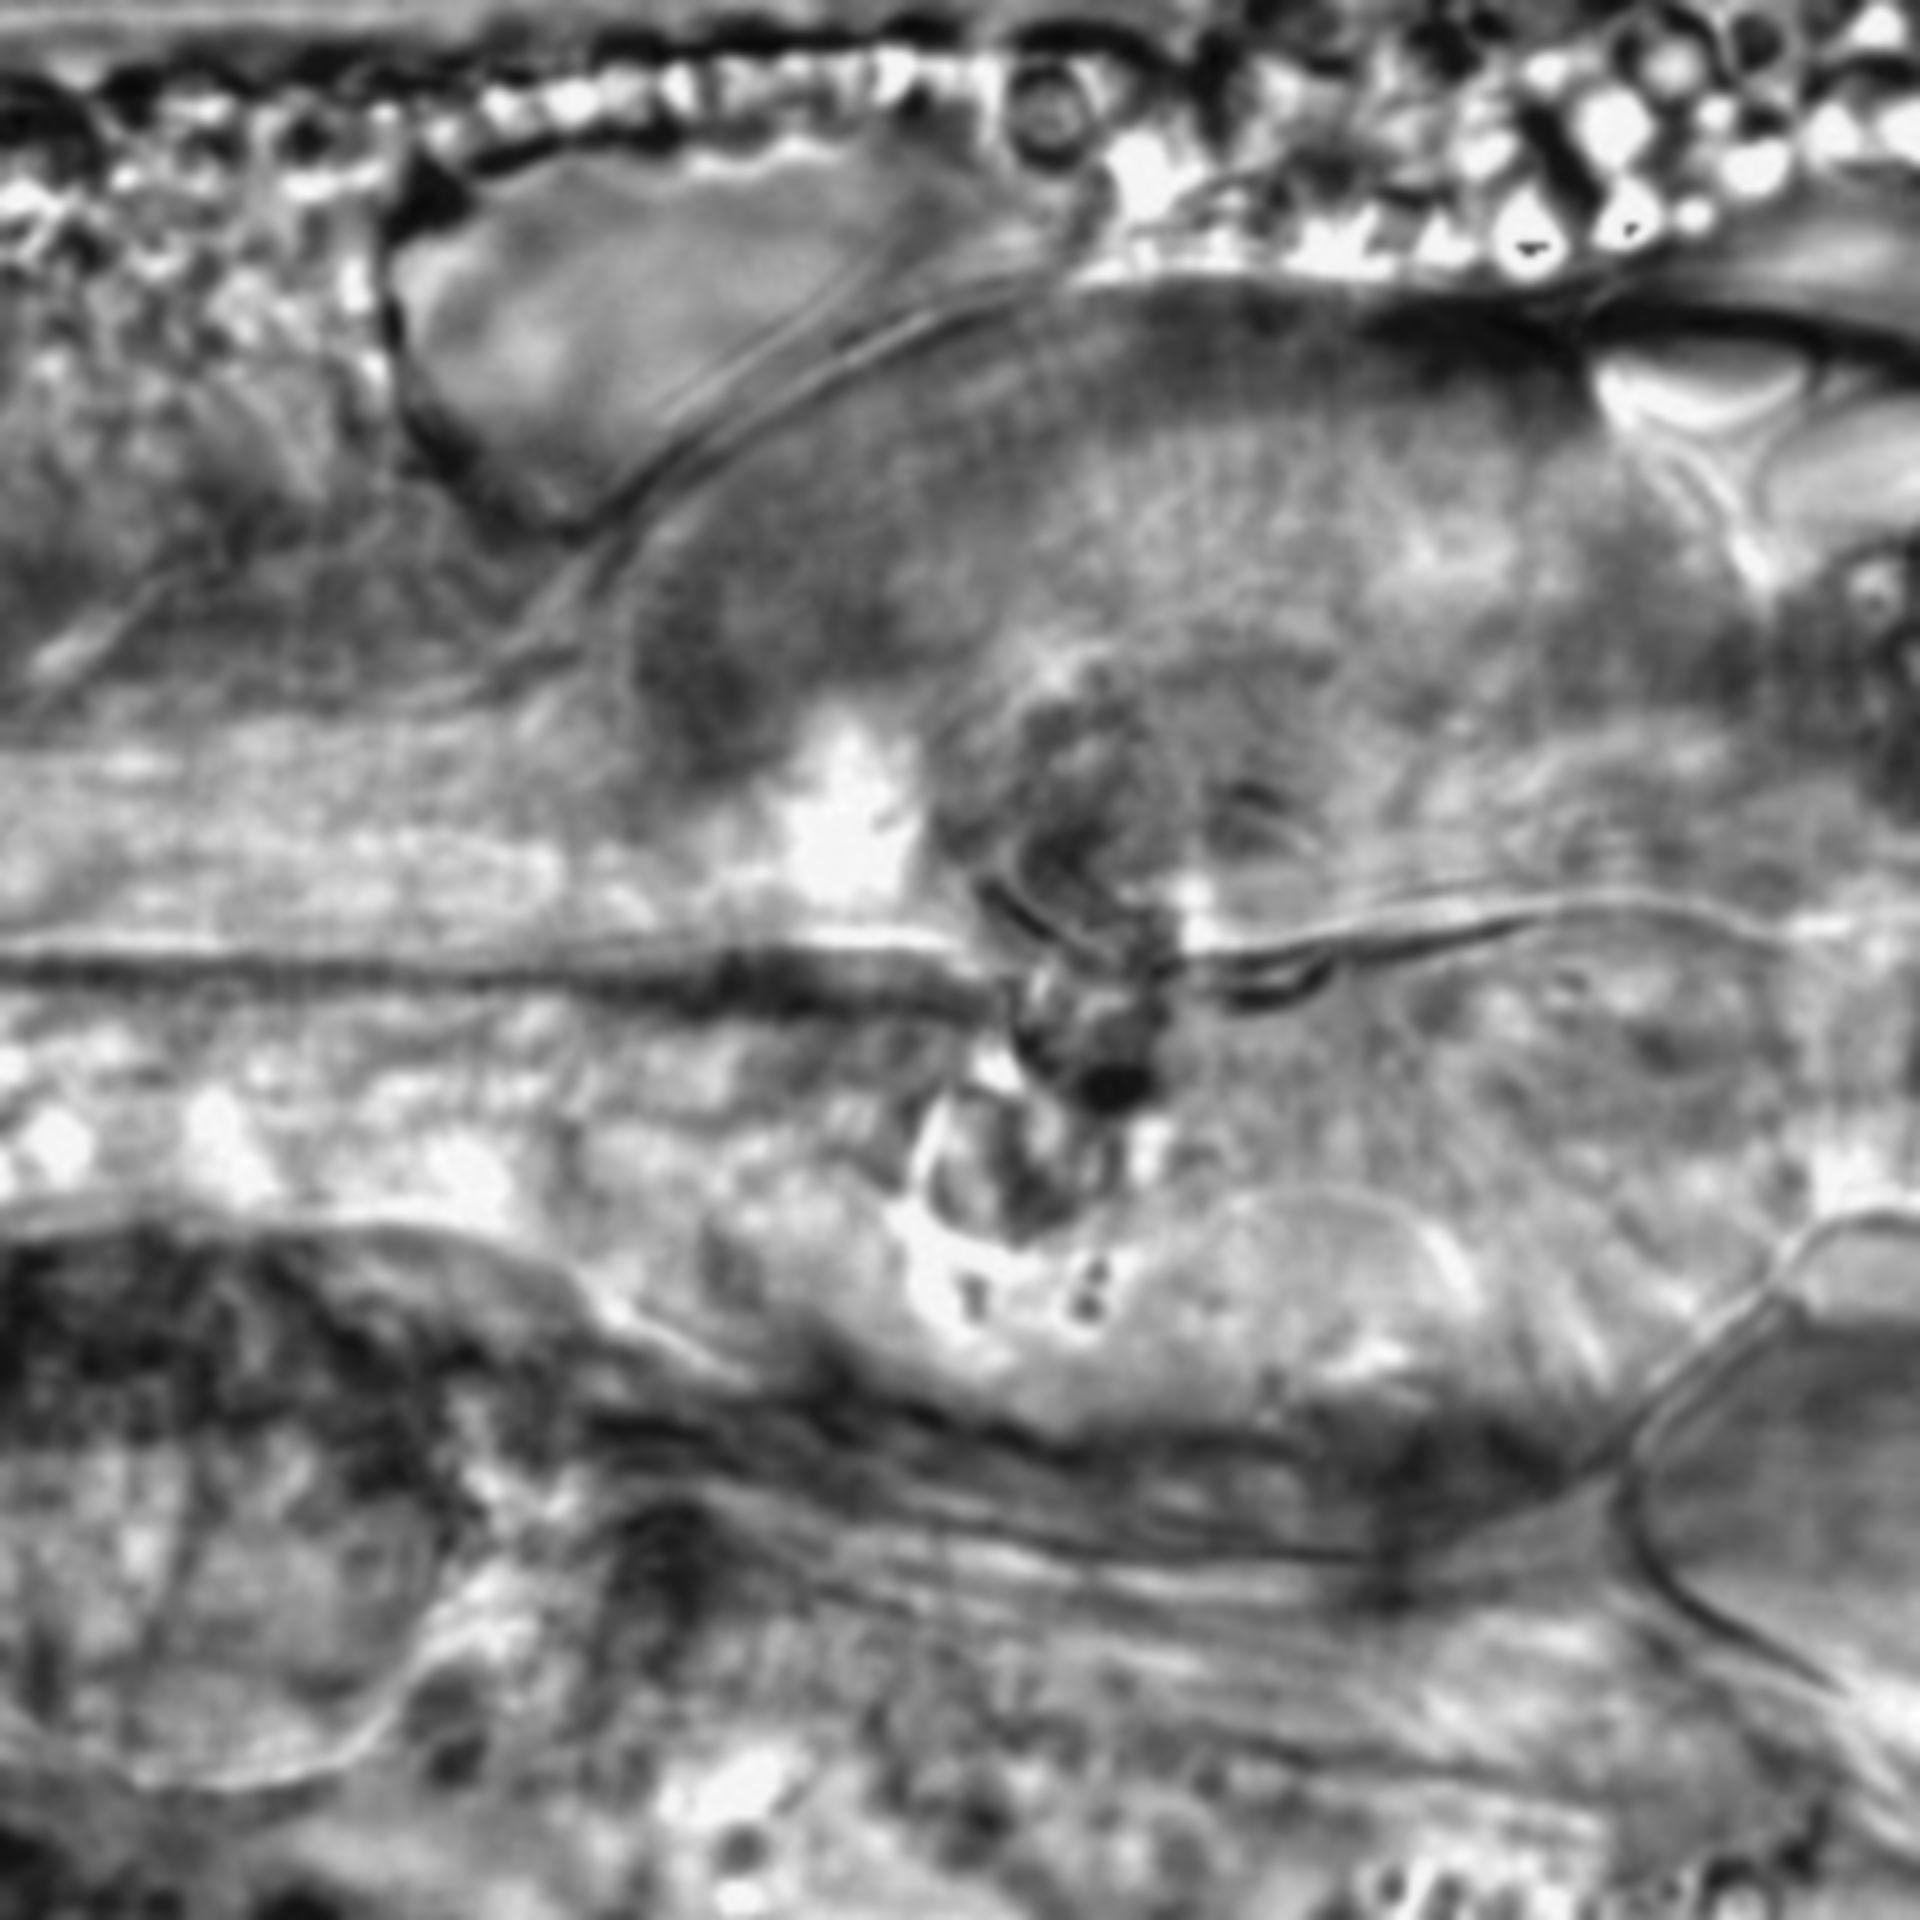 Caenorhabditis elegans - CIL:1786